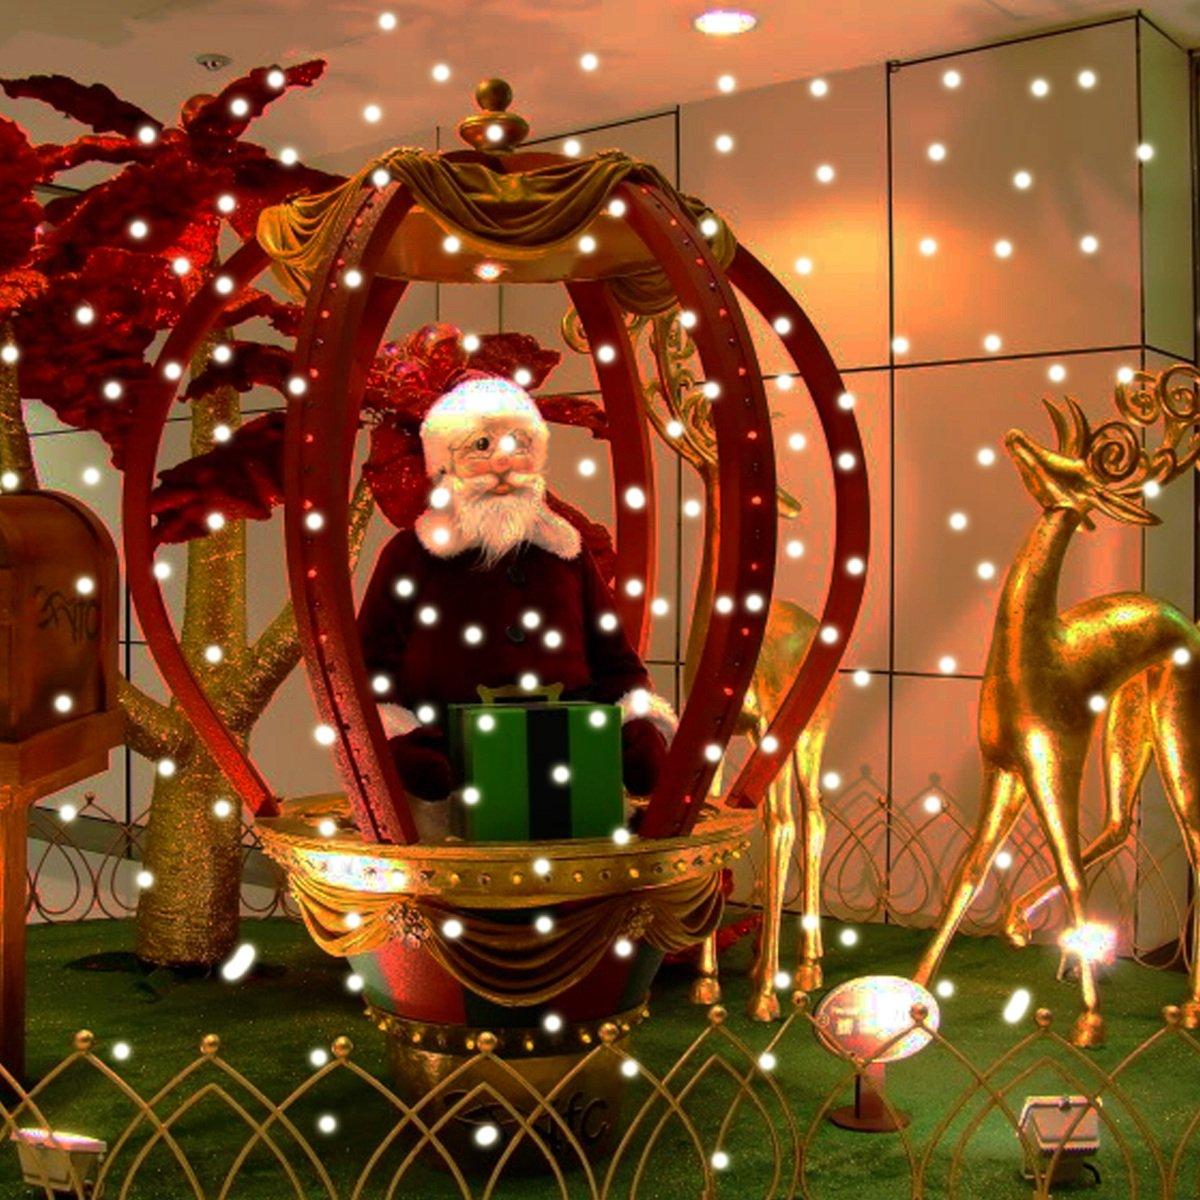 Amazon.com: LED Snow Falling Christmas Light?Snowfall Night Lights ...